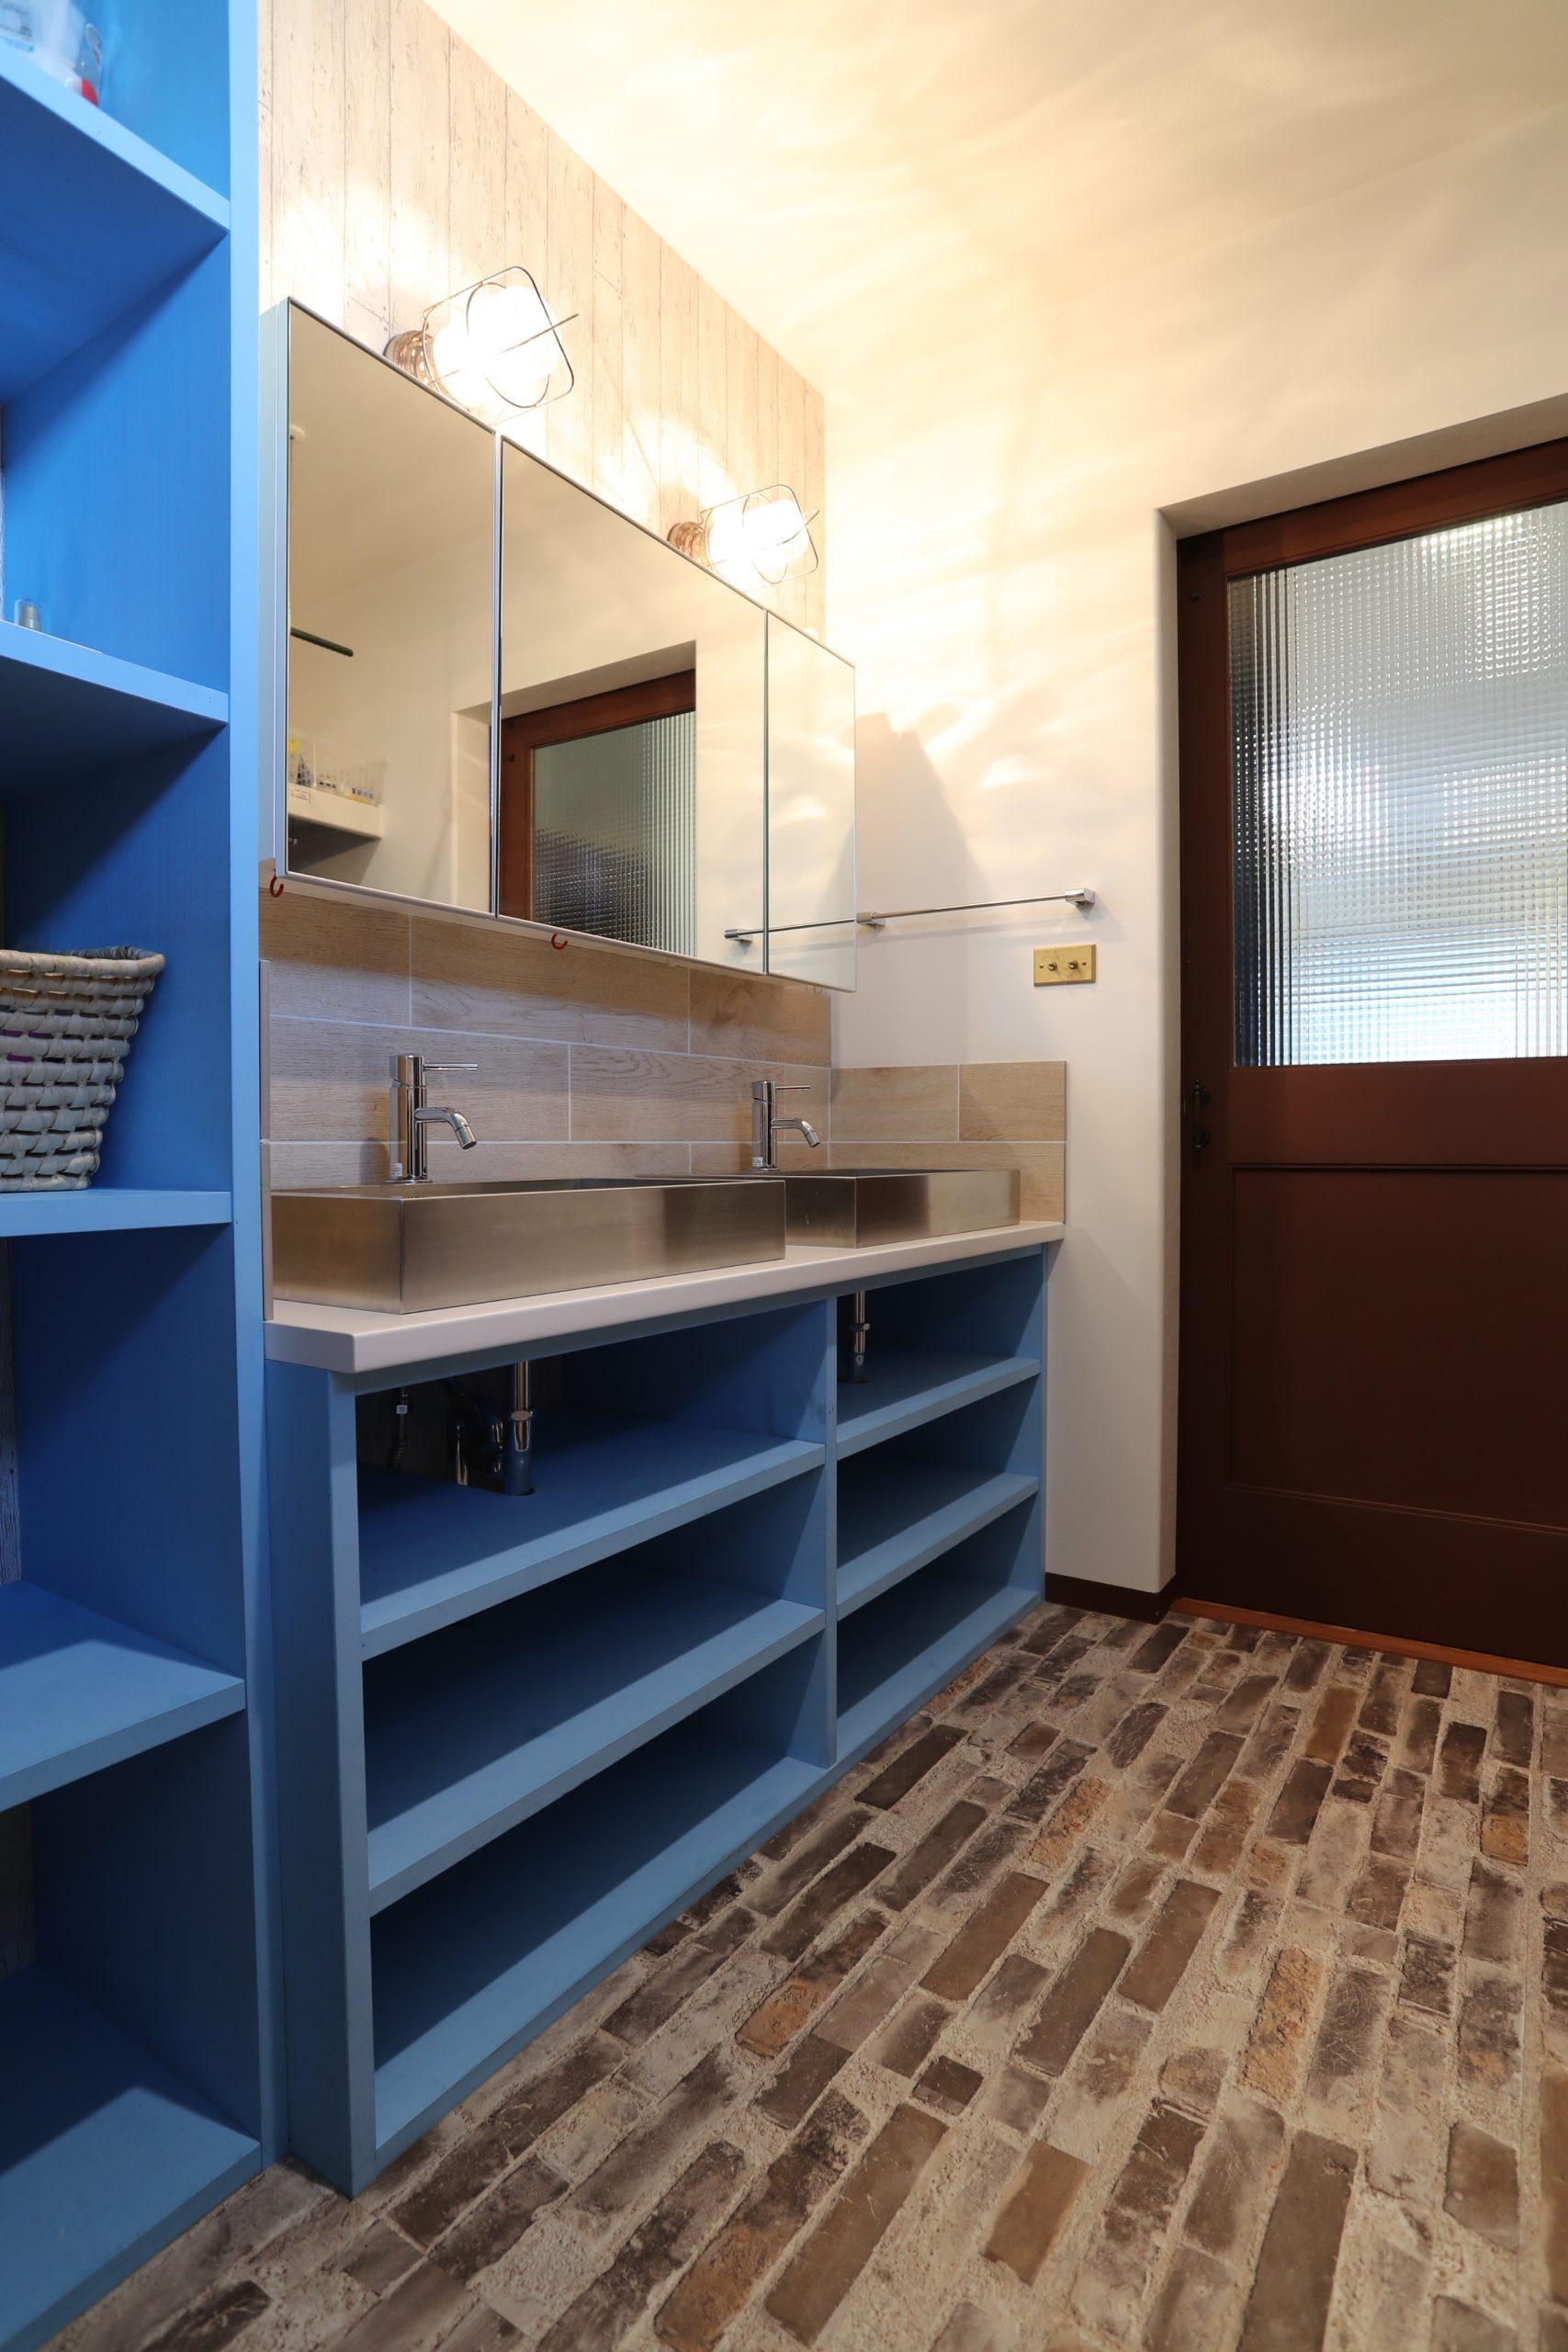 福井でかっこいい家をつくるガウディの施工例 ブルーが際立つ洗面台